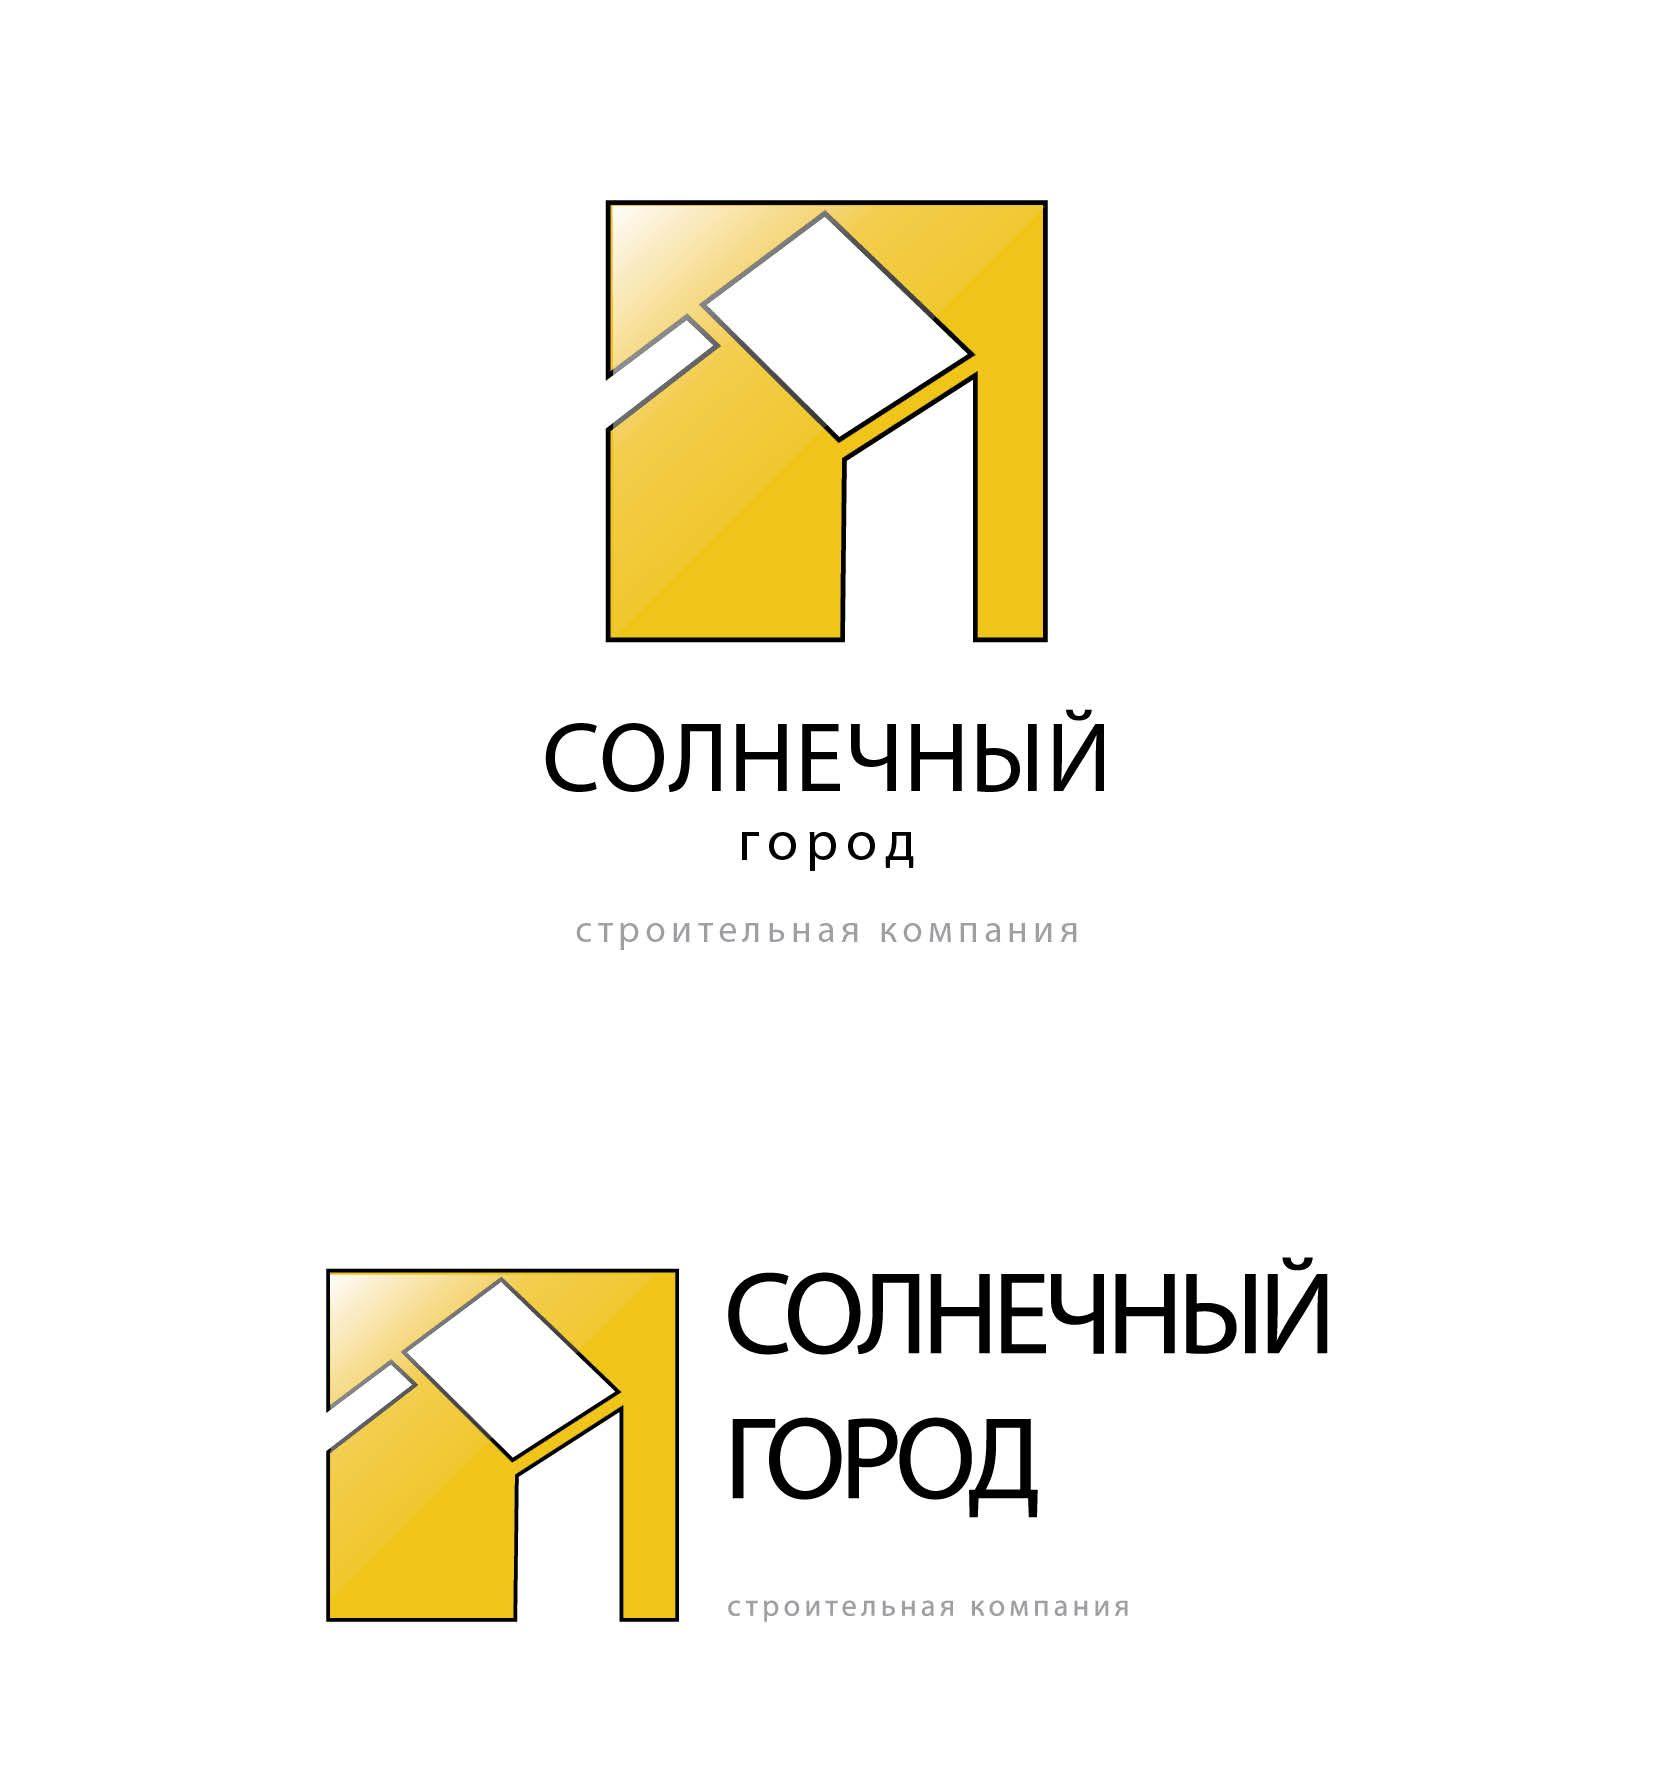 Логотип для солнечного города - дизайнер Alina_Ks